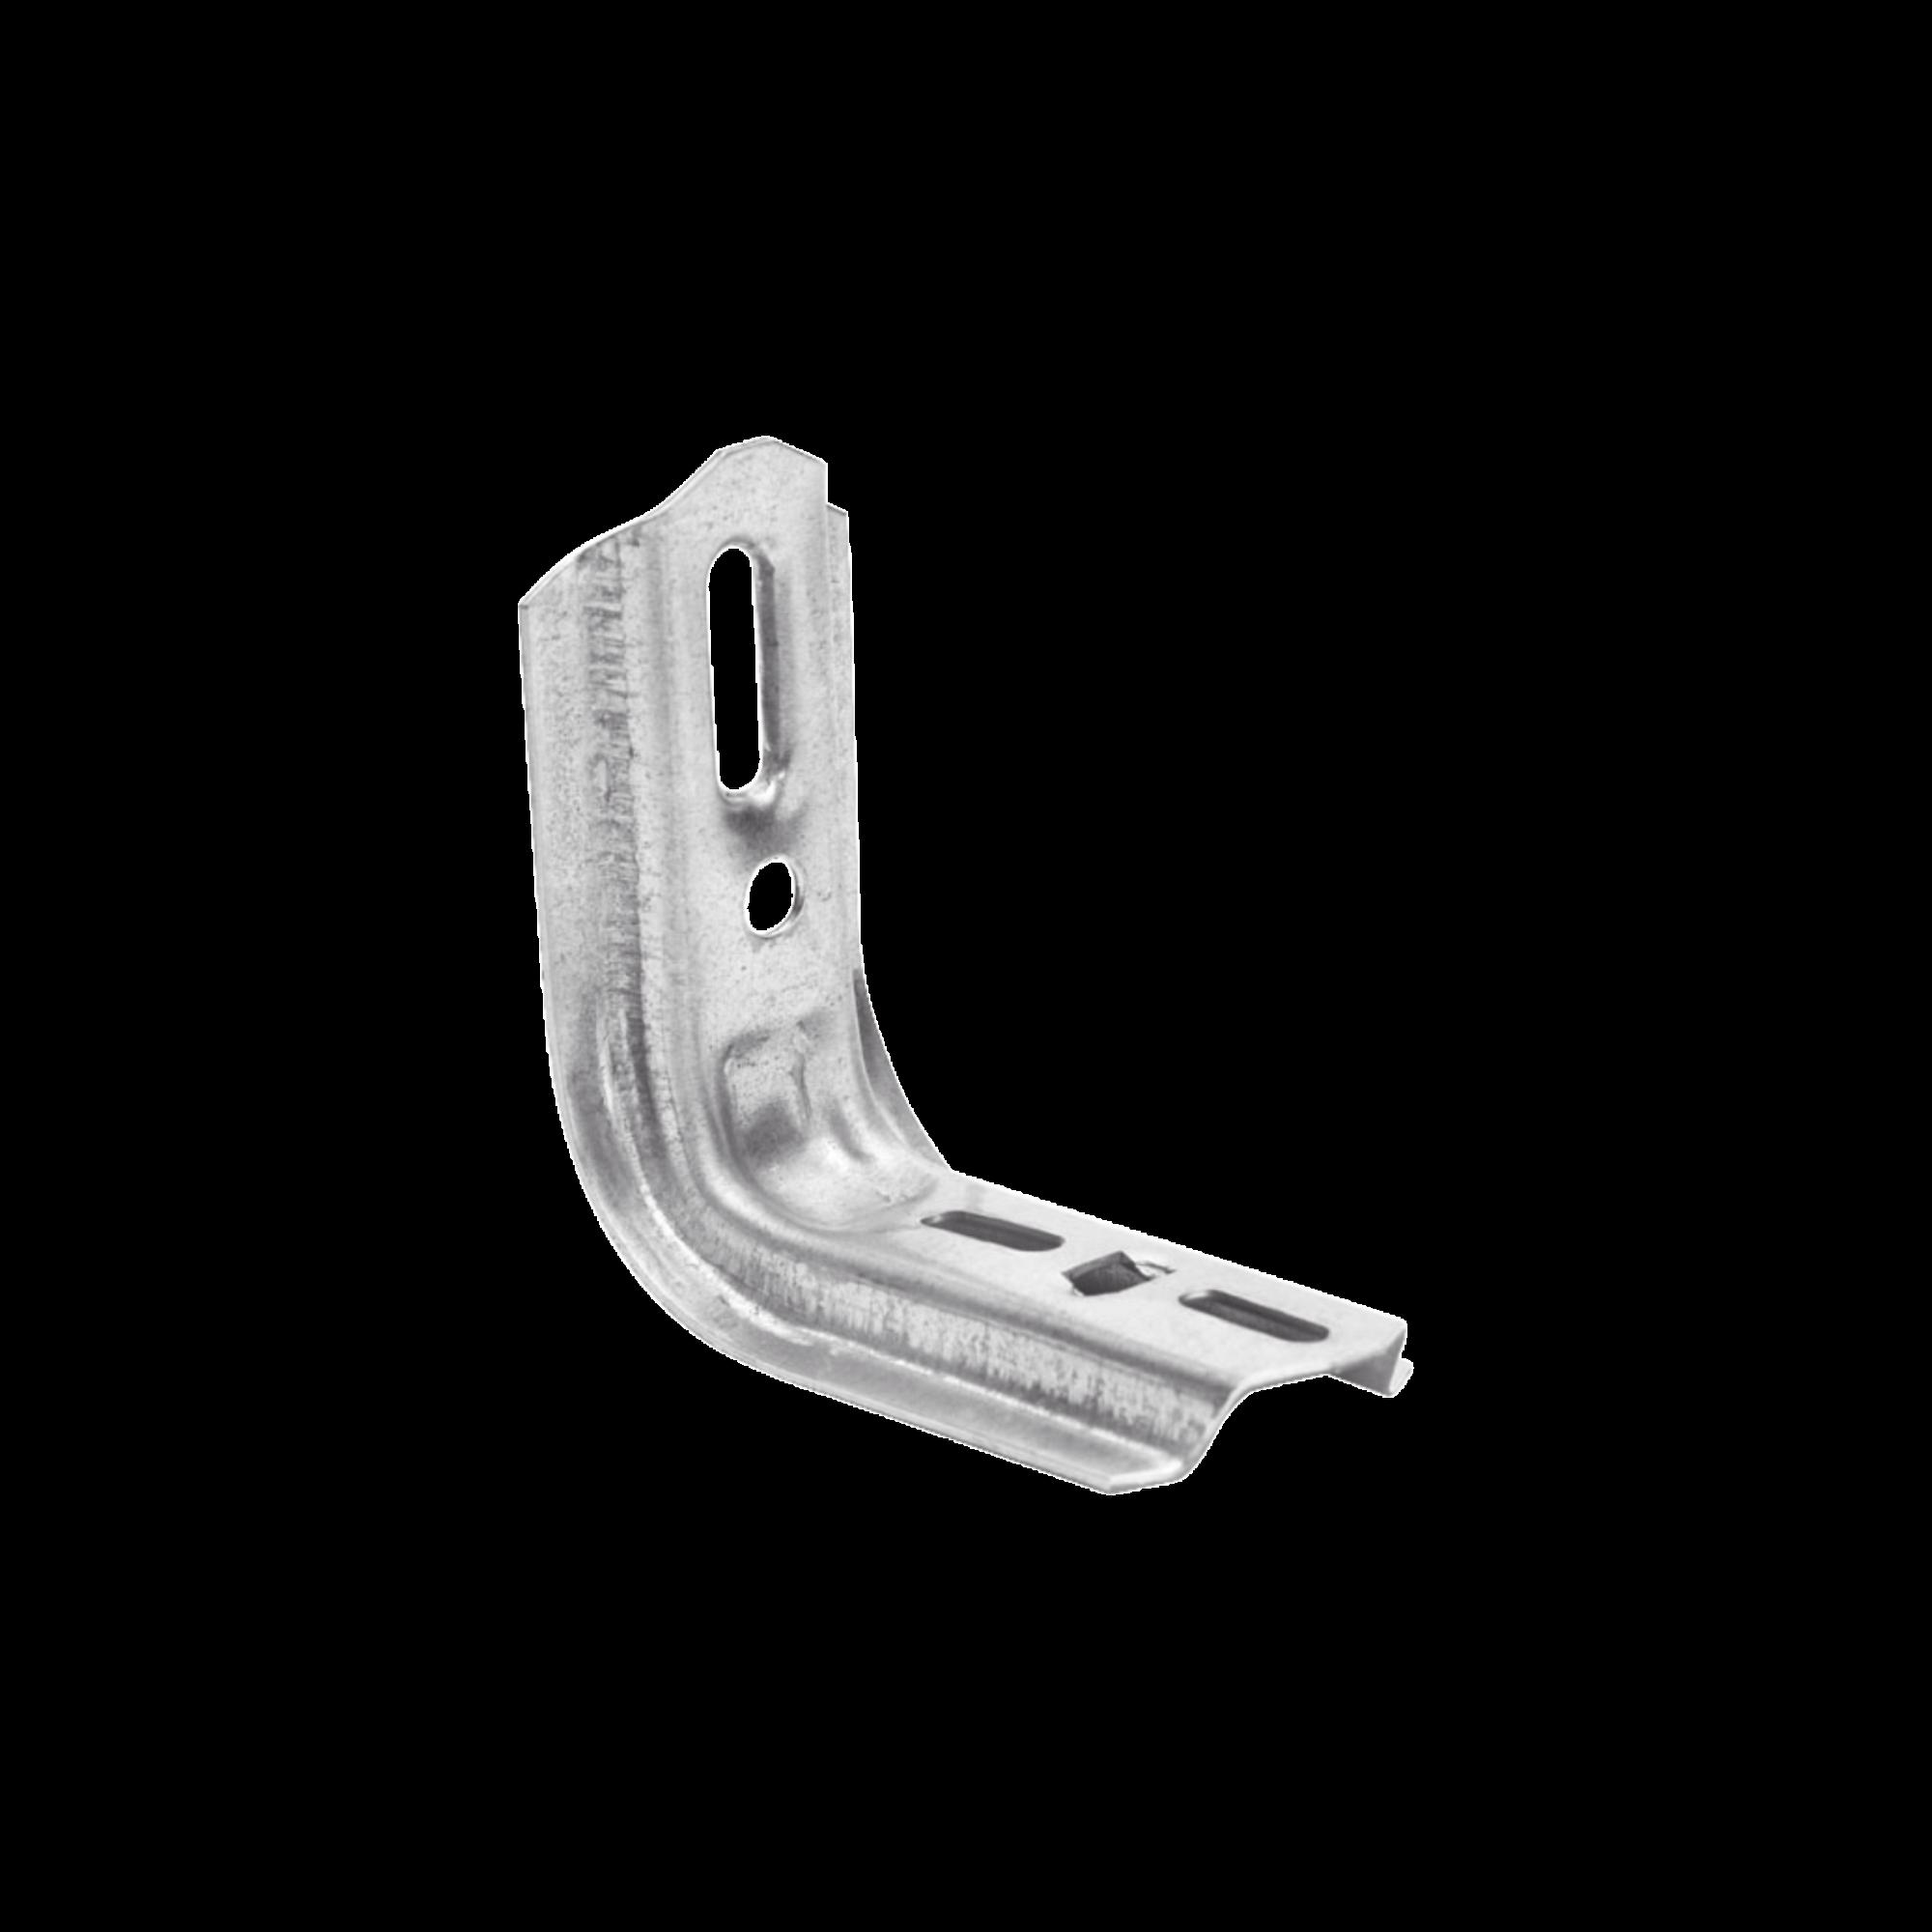 Ménsula omega tipo L 110mm inteligente, para montar charola de 50 a 100mm en pared o muro